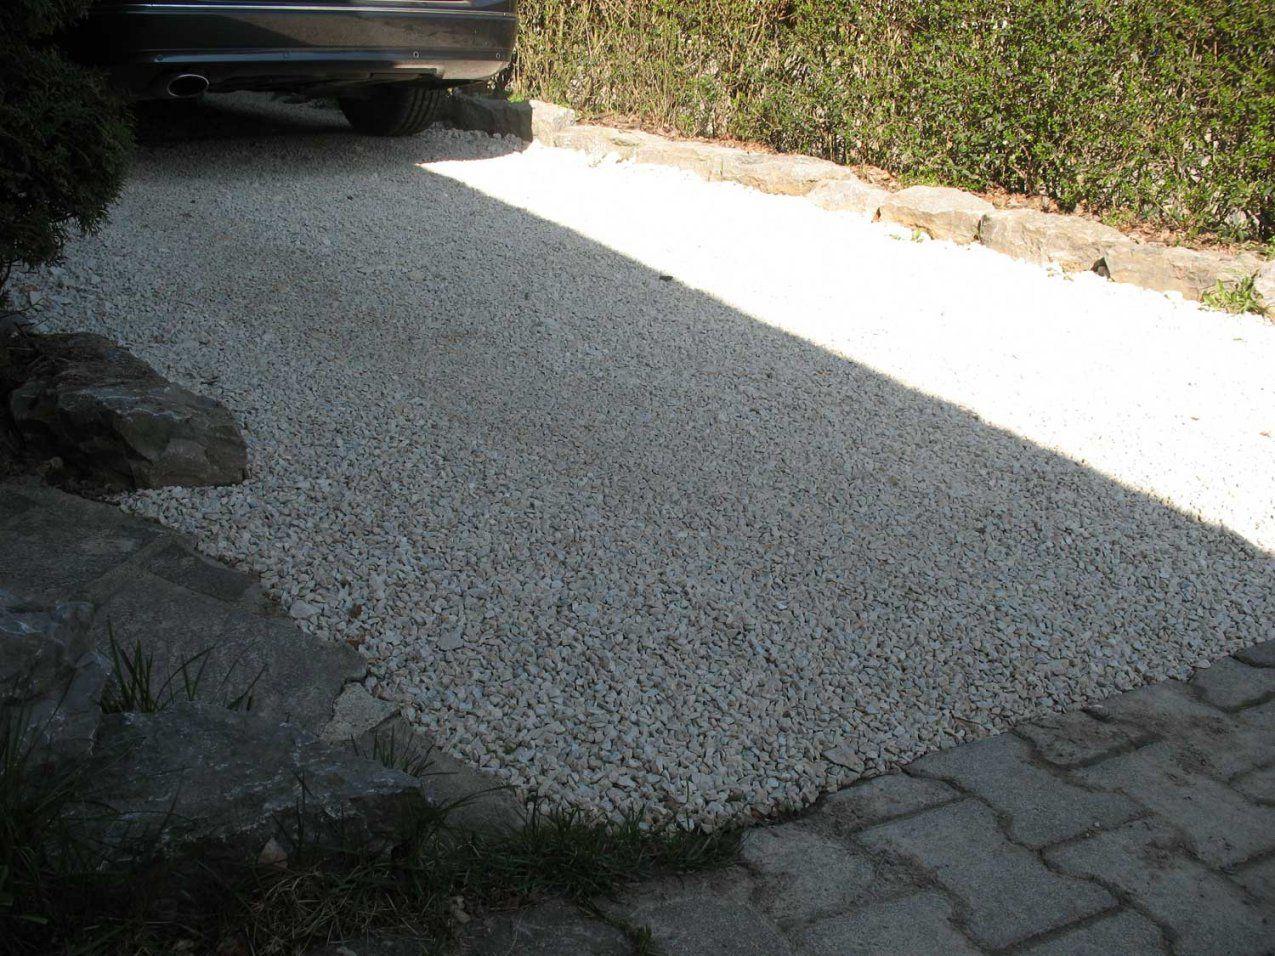 Favorit Garagenzufahrt Gestalten Mit Kies Oder Schotter   Garagenzufahrt QT35